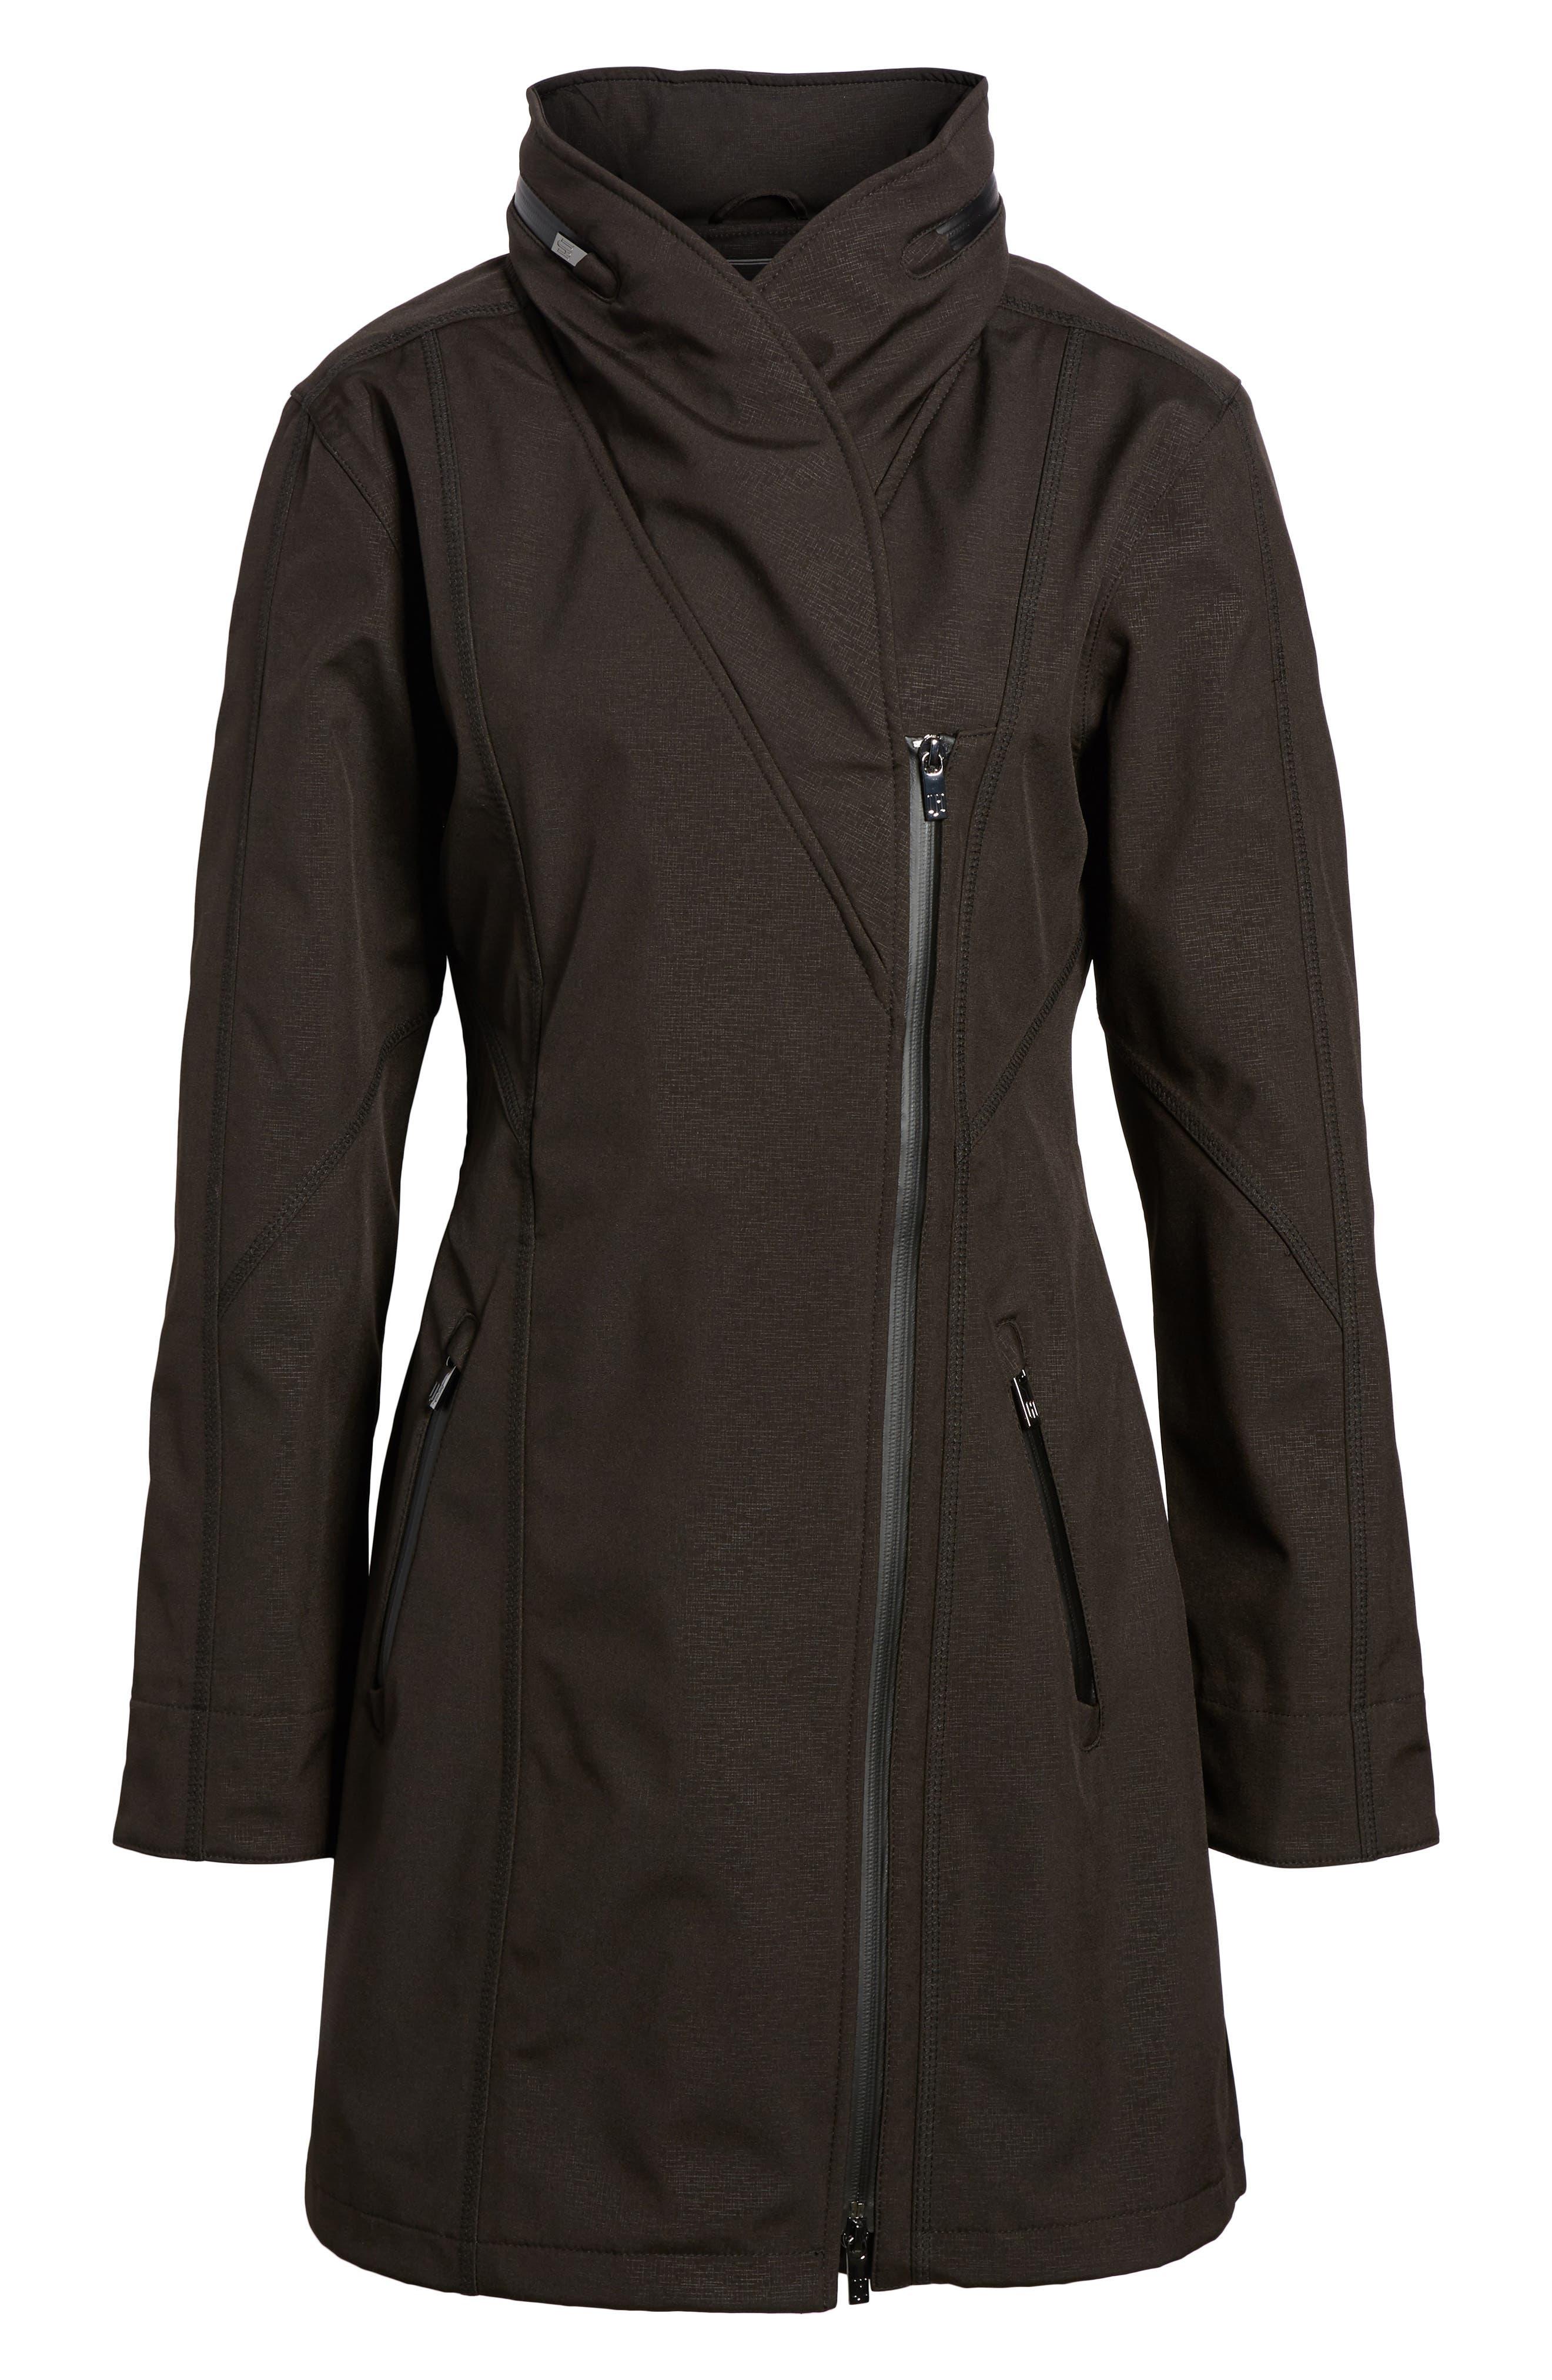 Hornbaek Soft Shell Raincoat,                             Alternate thumbnail 6, color,                             001